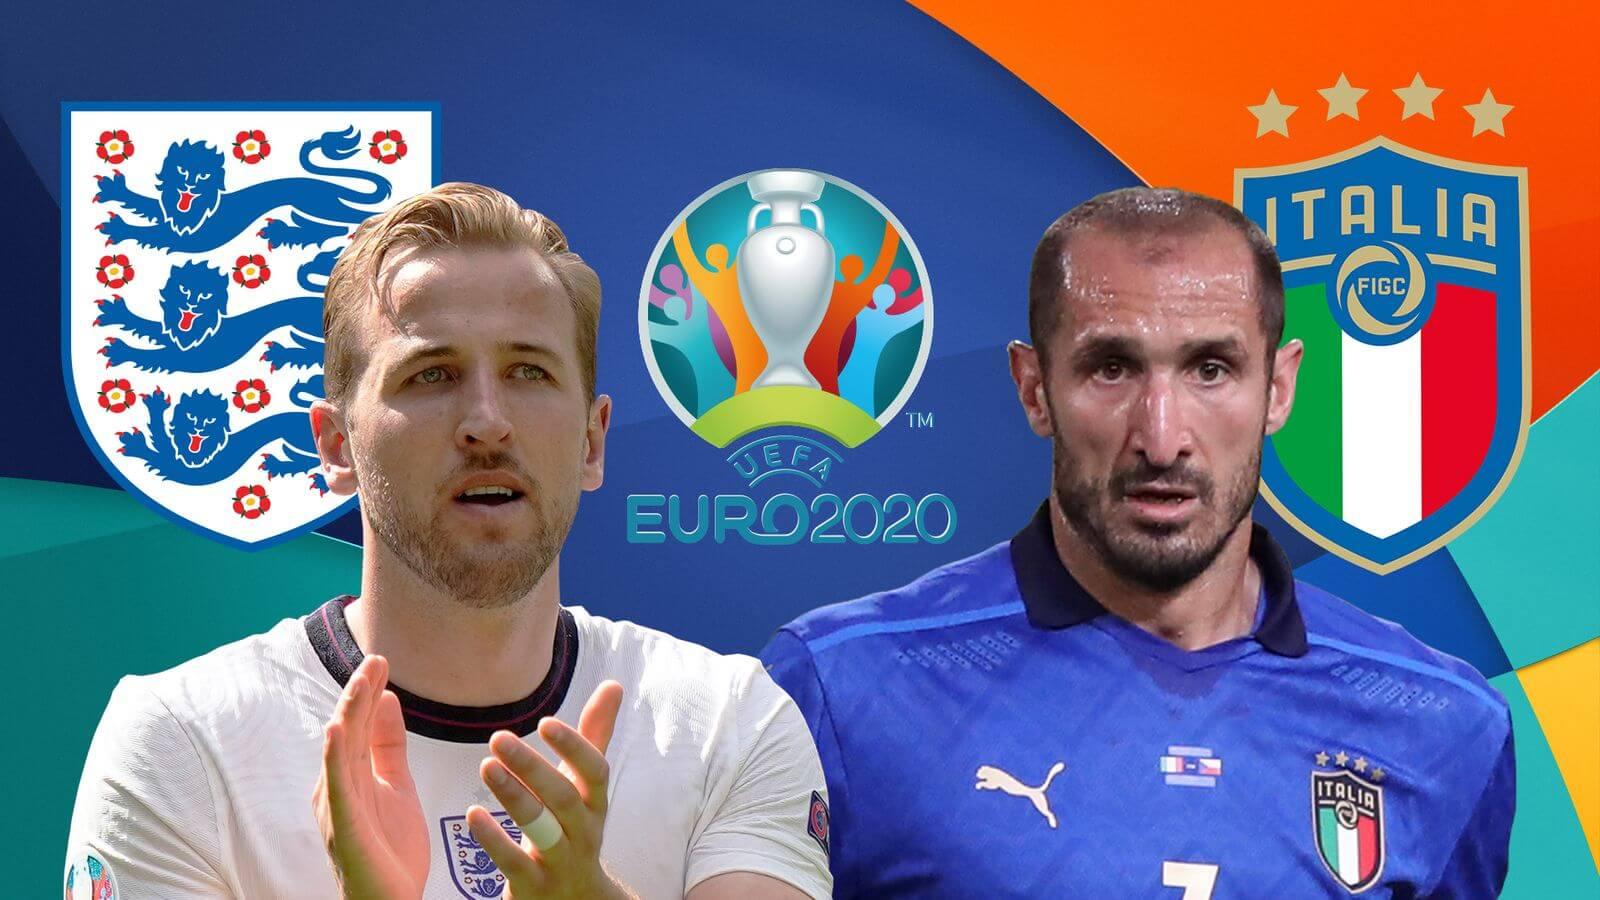 England vs Italy Euro 2020